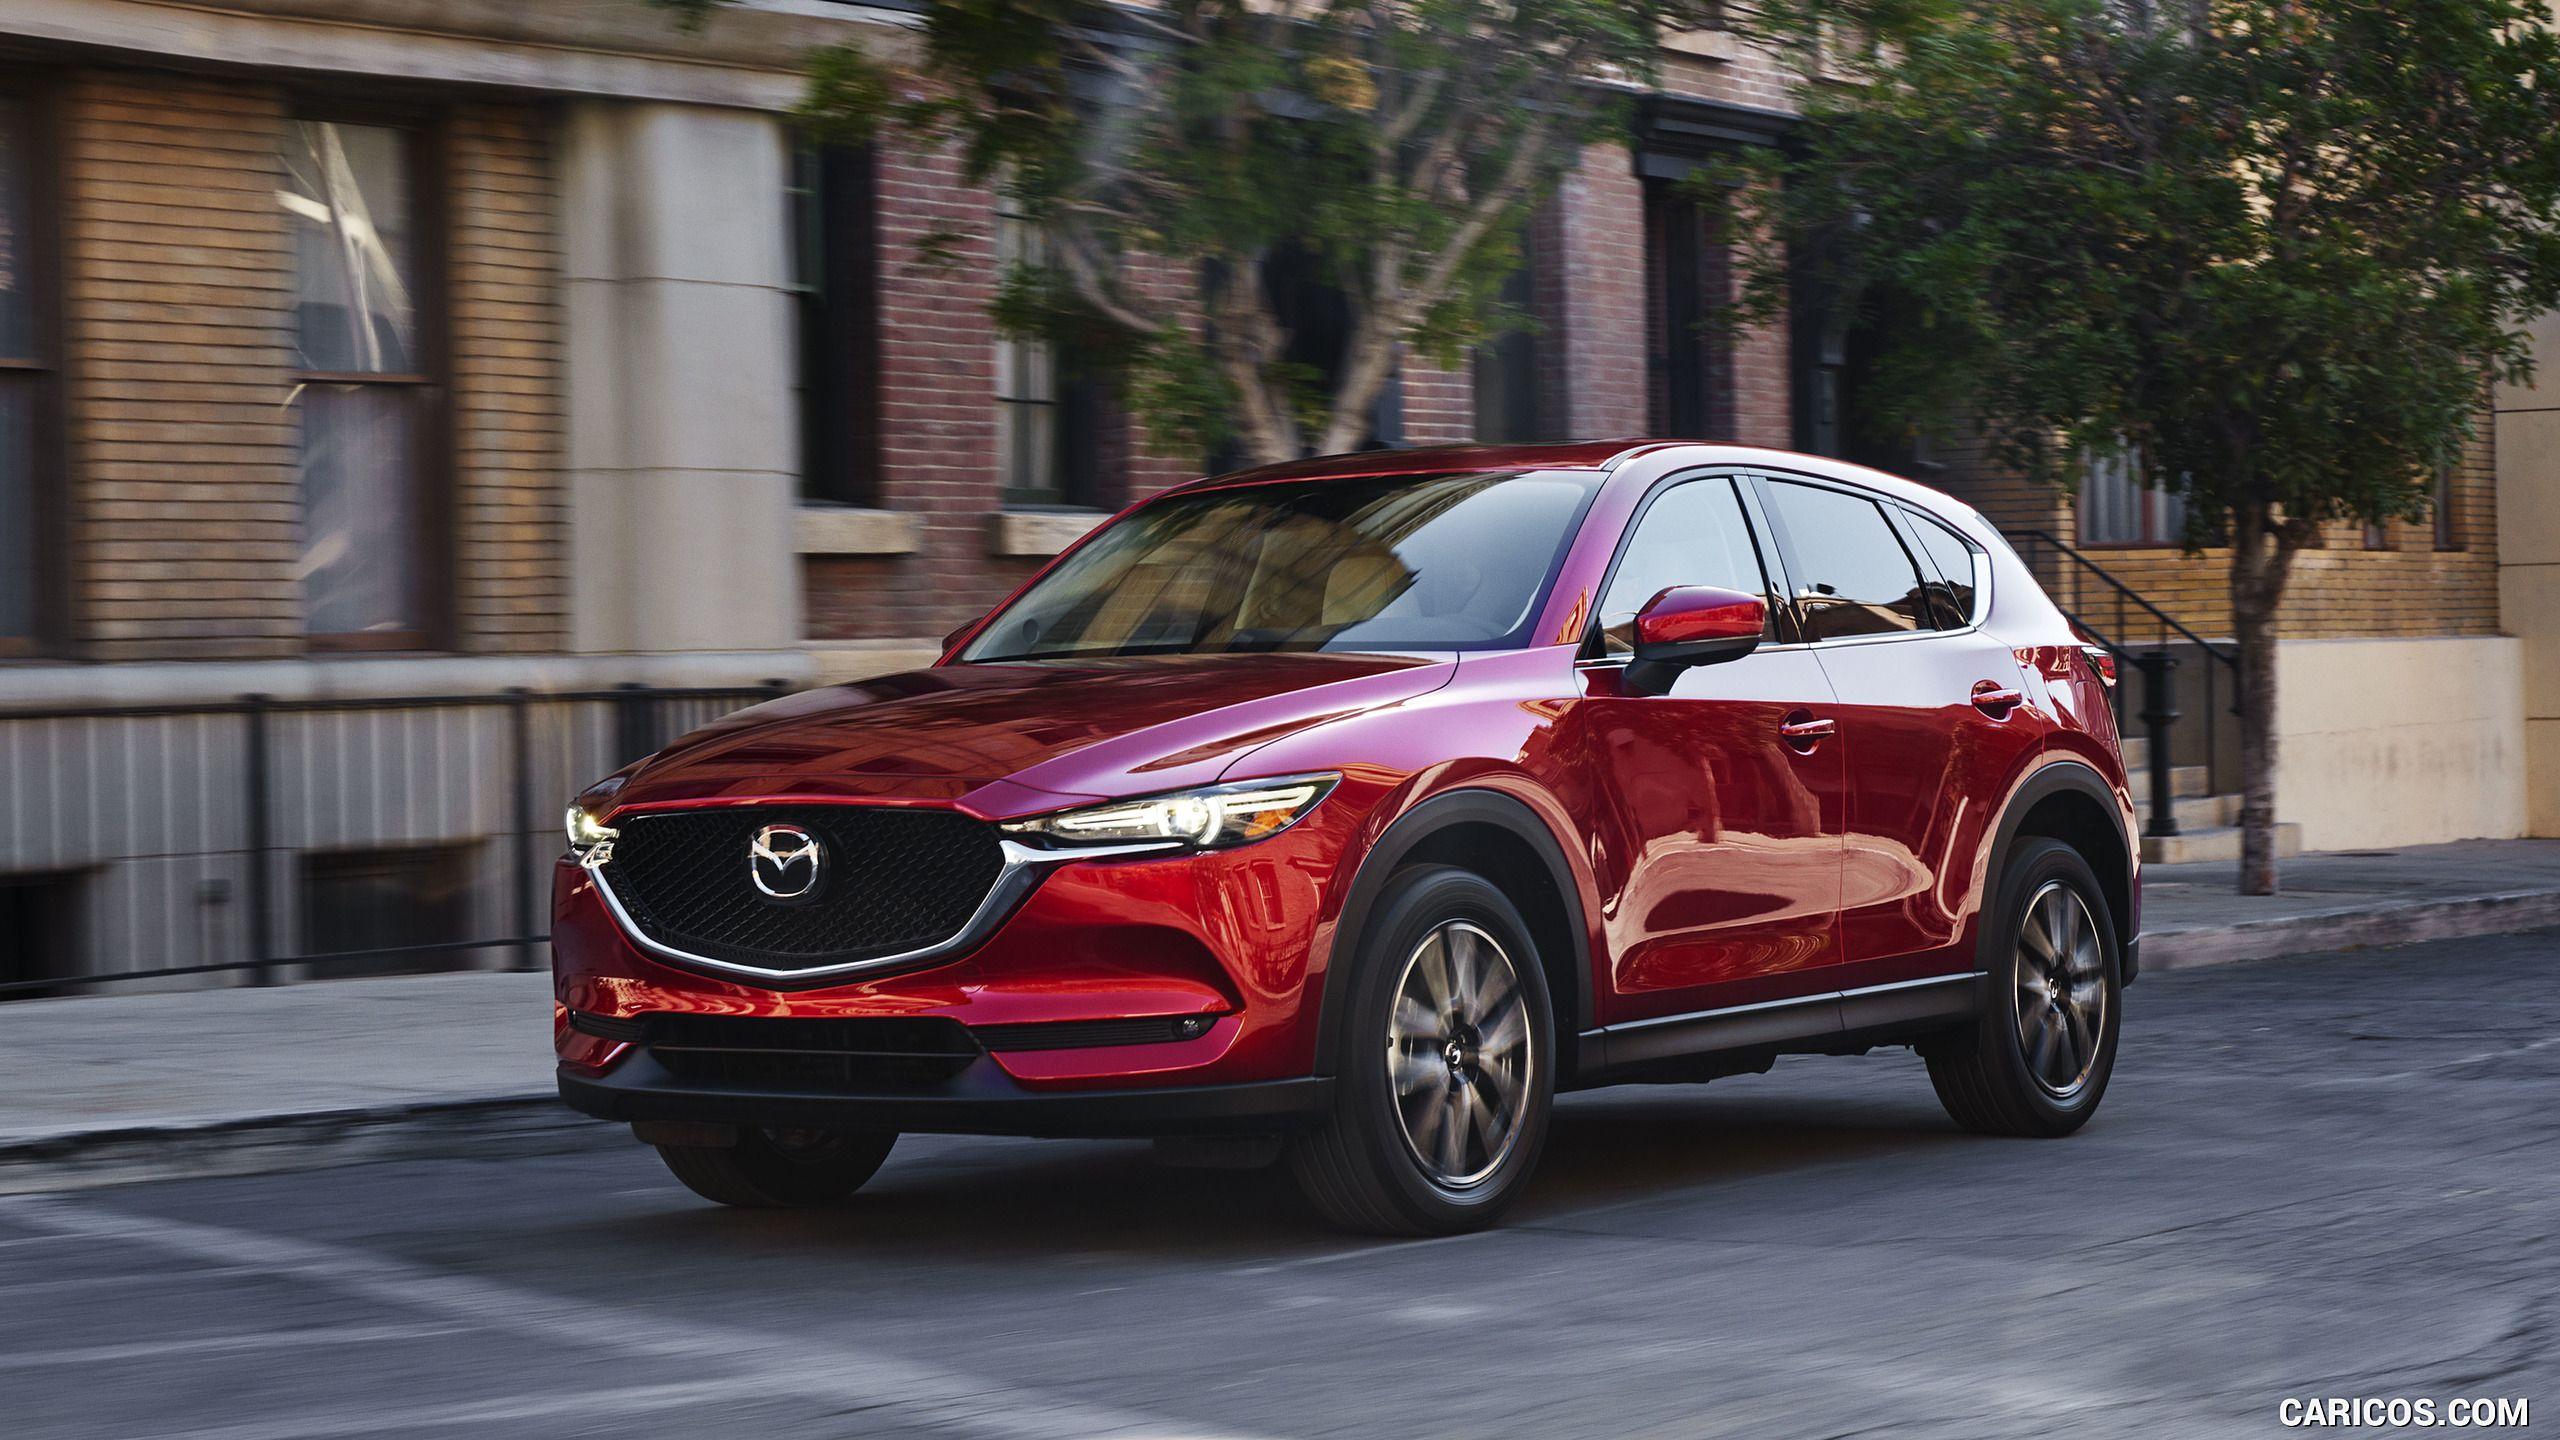 Mazda Cx 5 Diesel Cars Car Model Suv